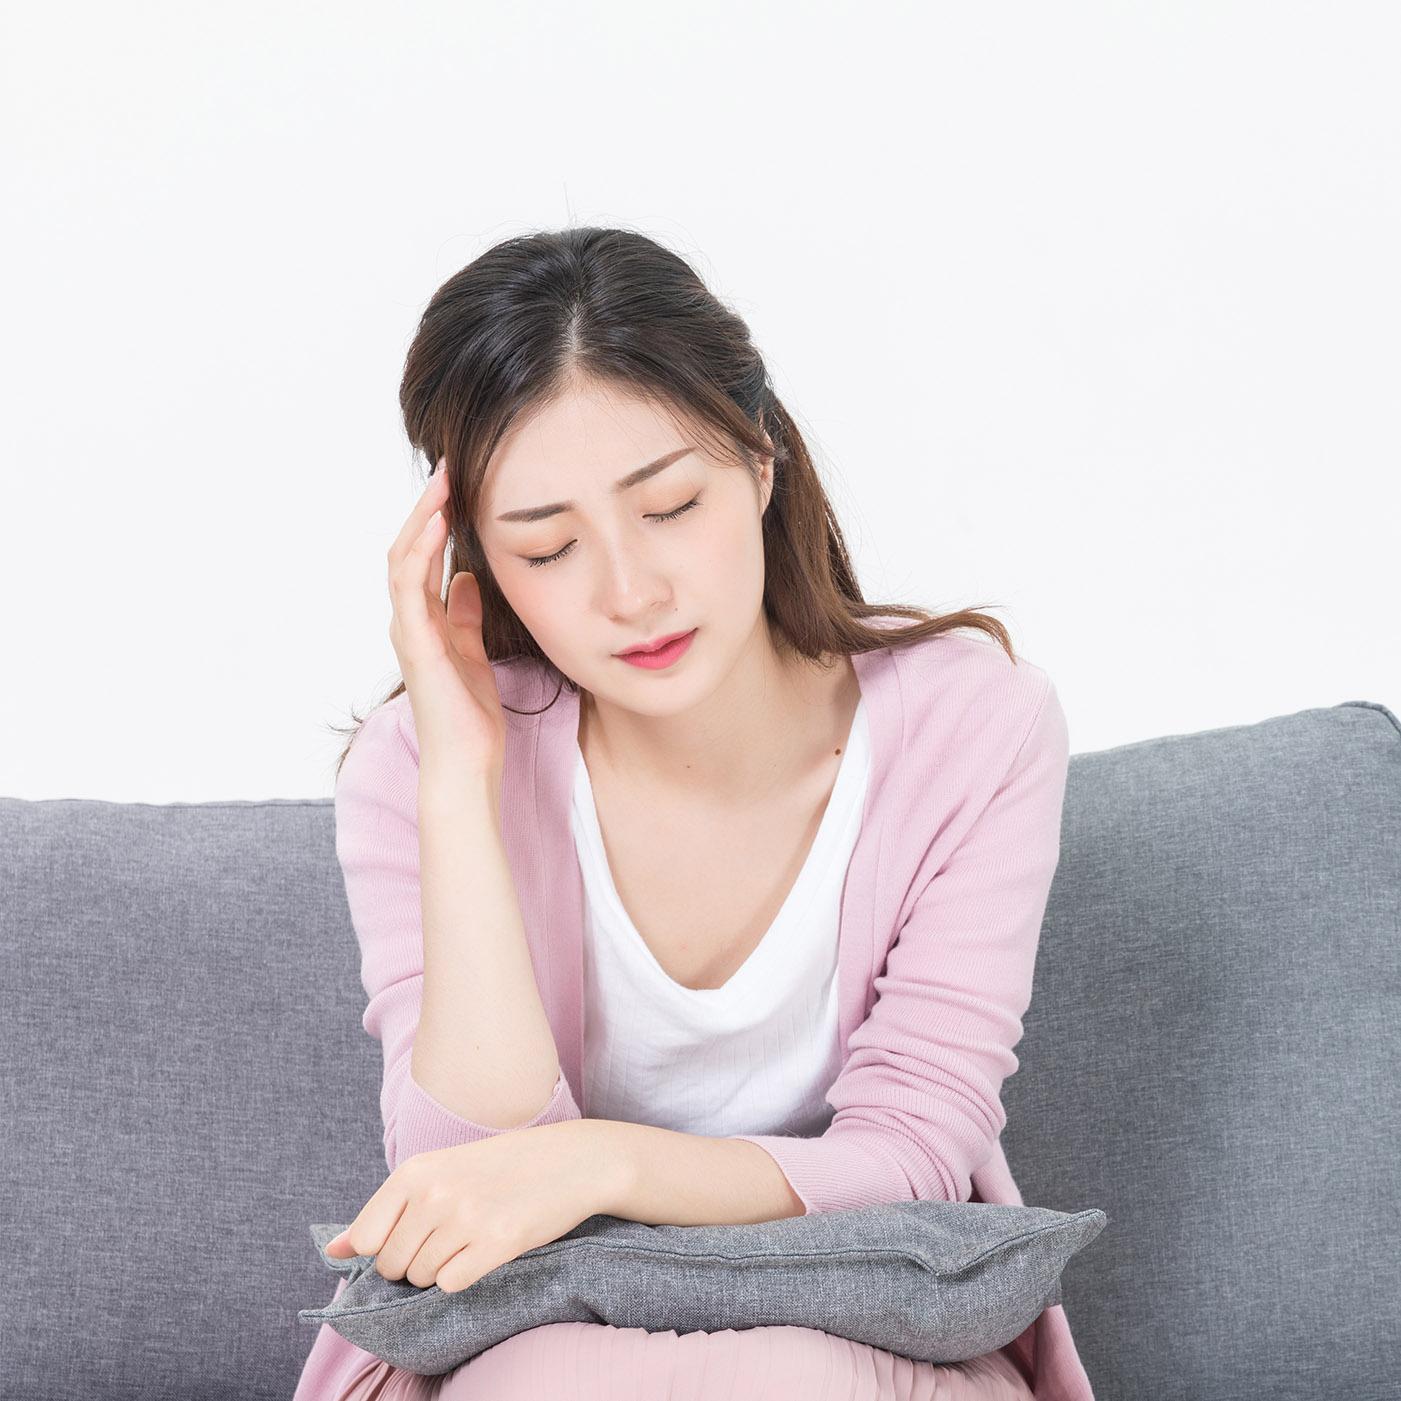 女人經期出現淋漓不盡是什么原因導致?如何調理?